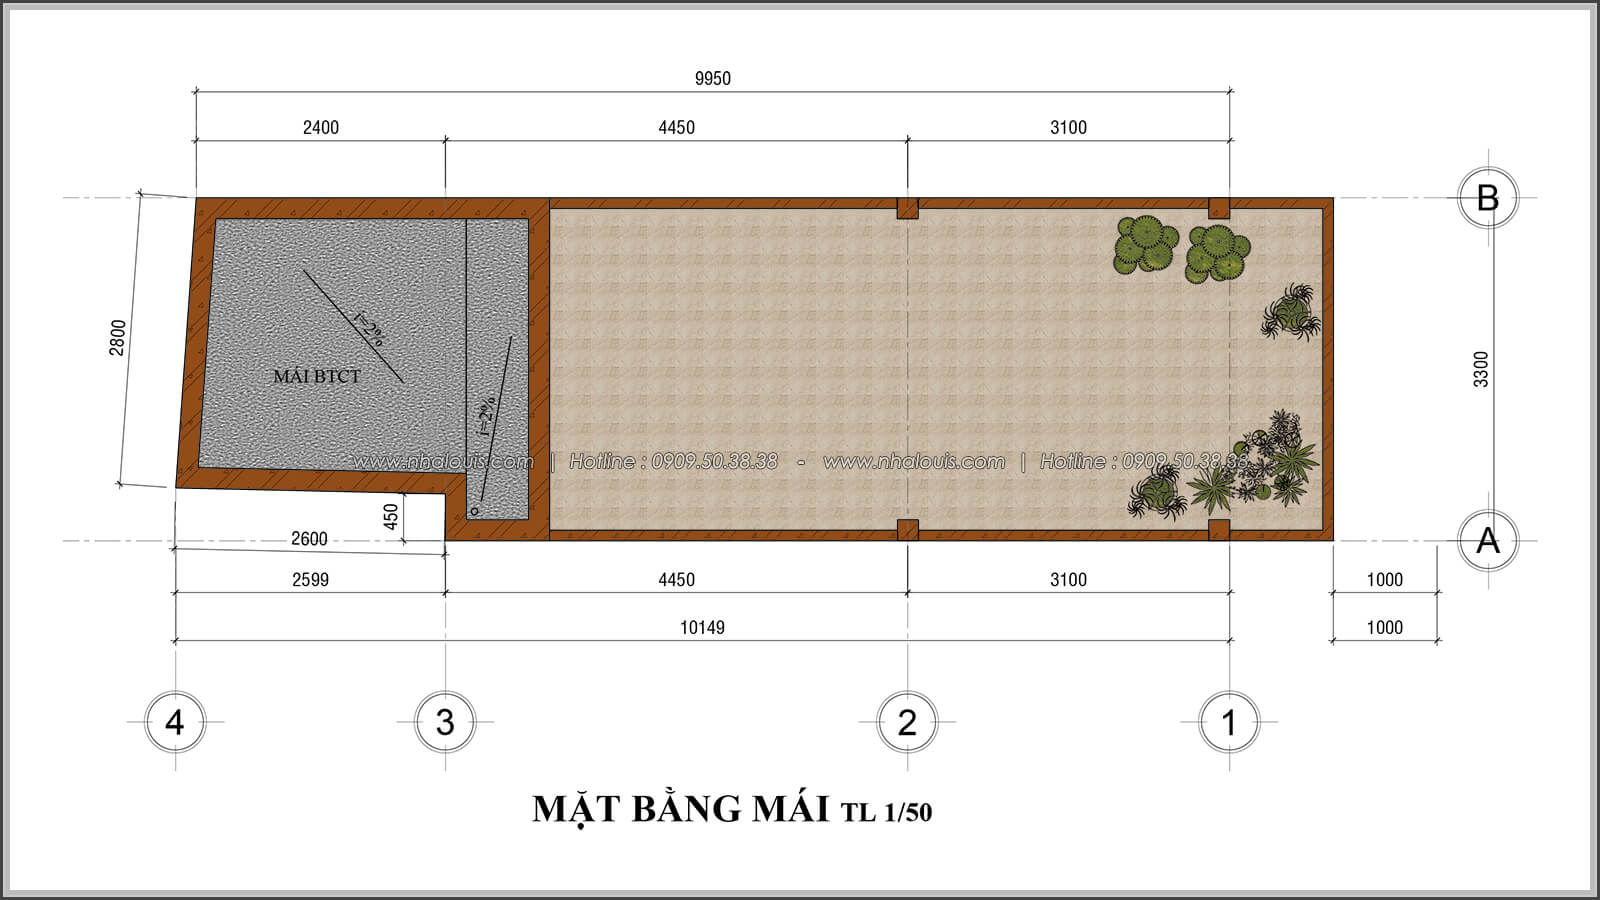 Mặt bằng mái thiết kế nhà 4x10 kết hợp kinh doanh tại chợ Tân Bình - 09